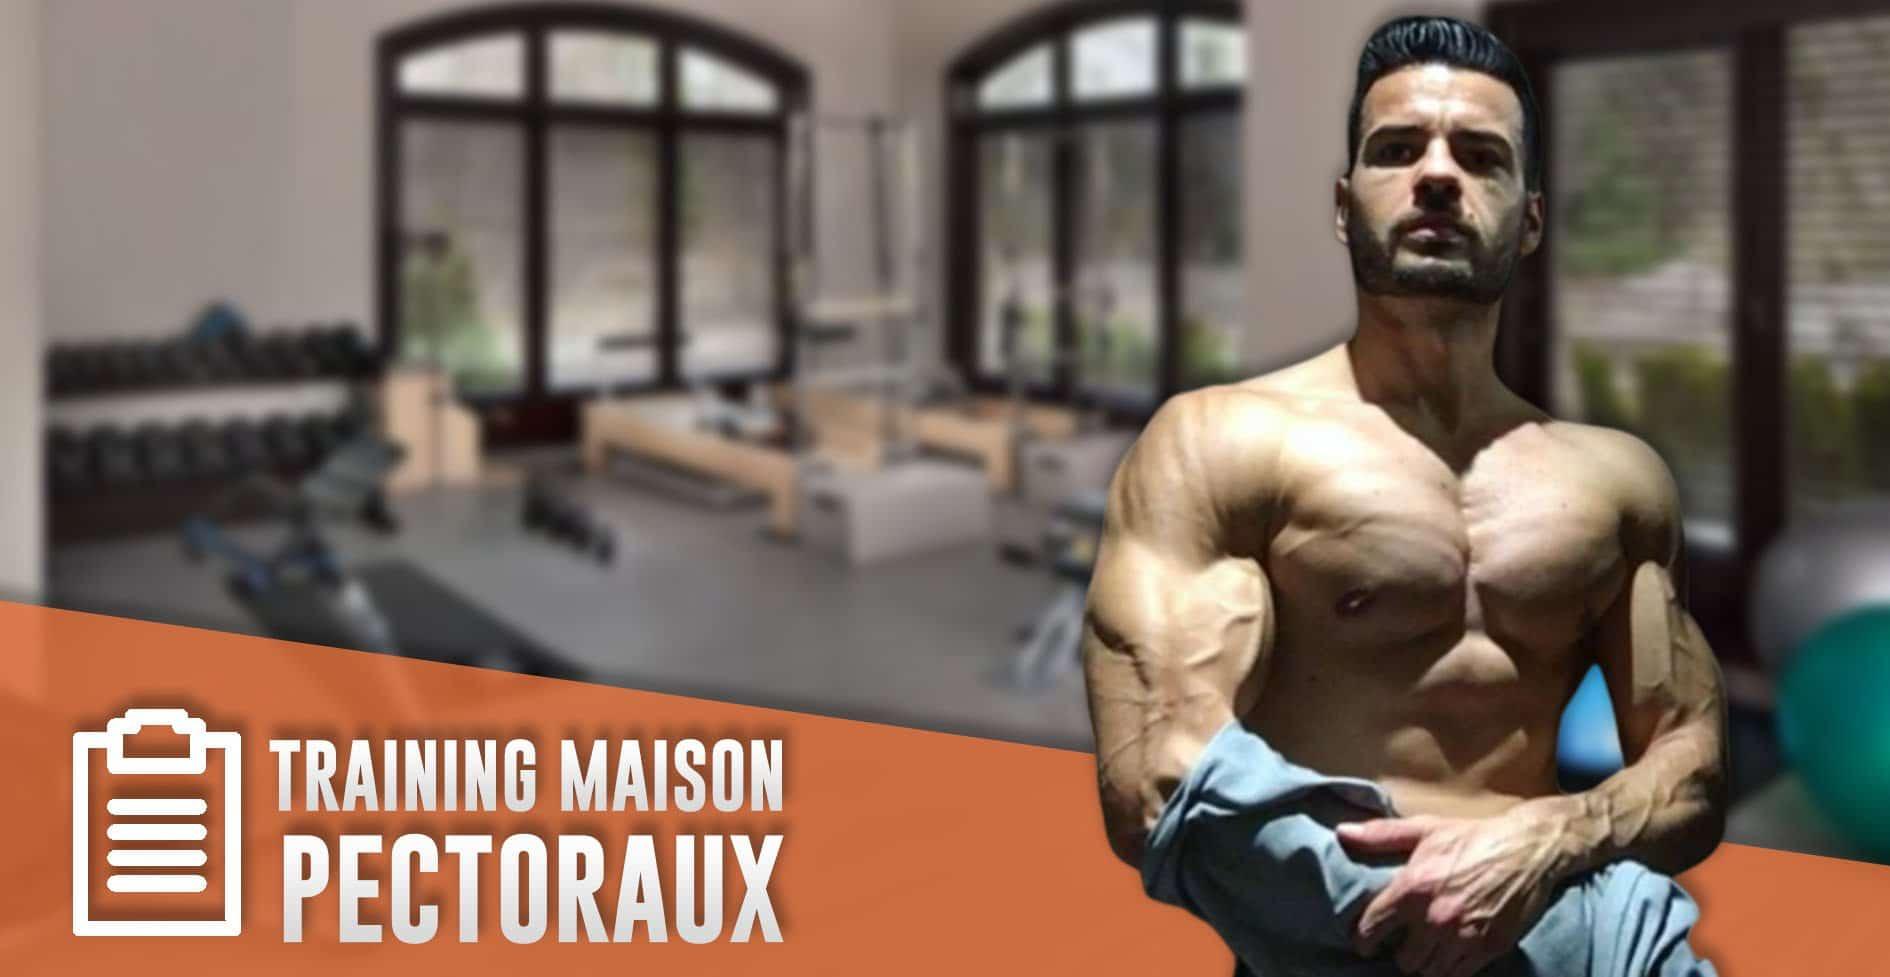 PROGRAMME PECTORAUX MAISON